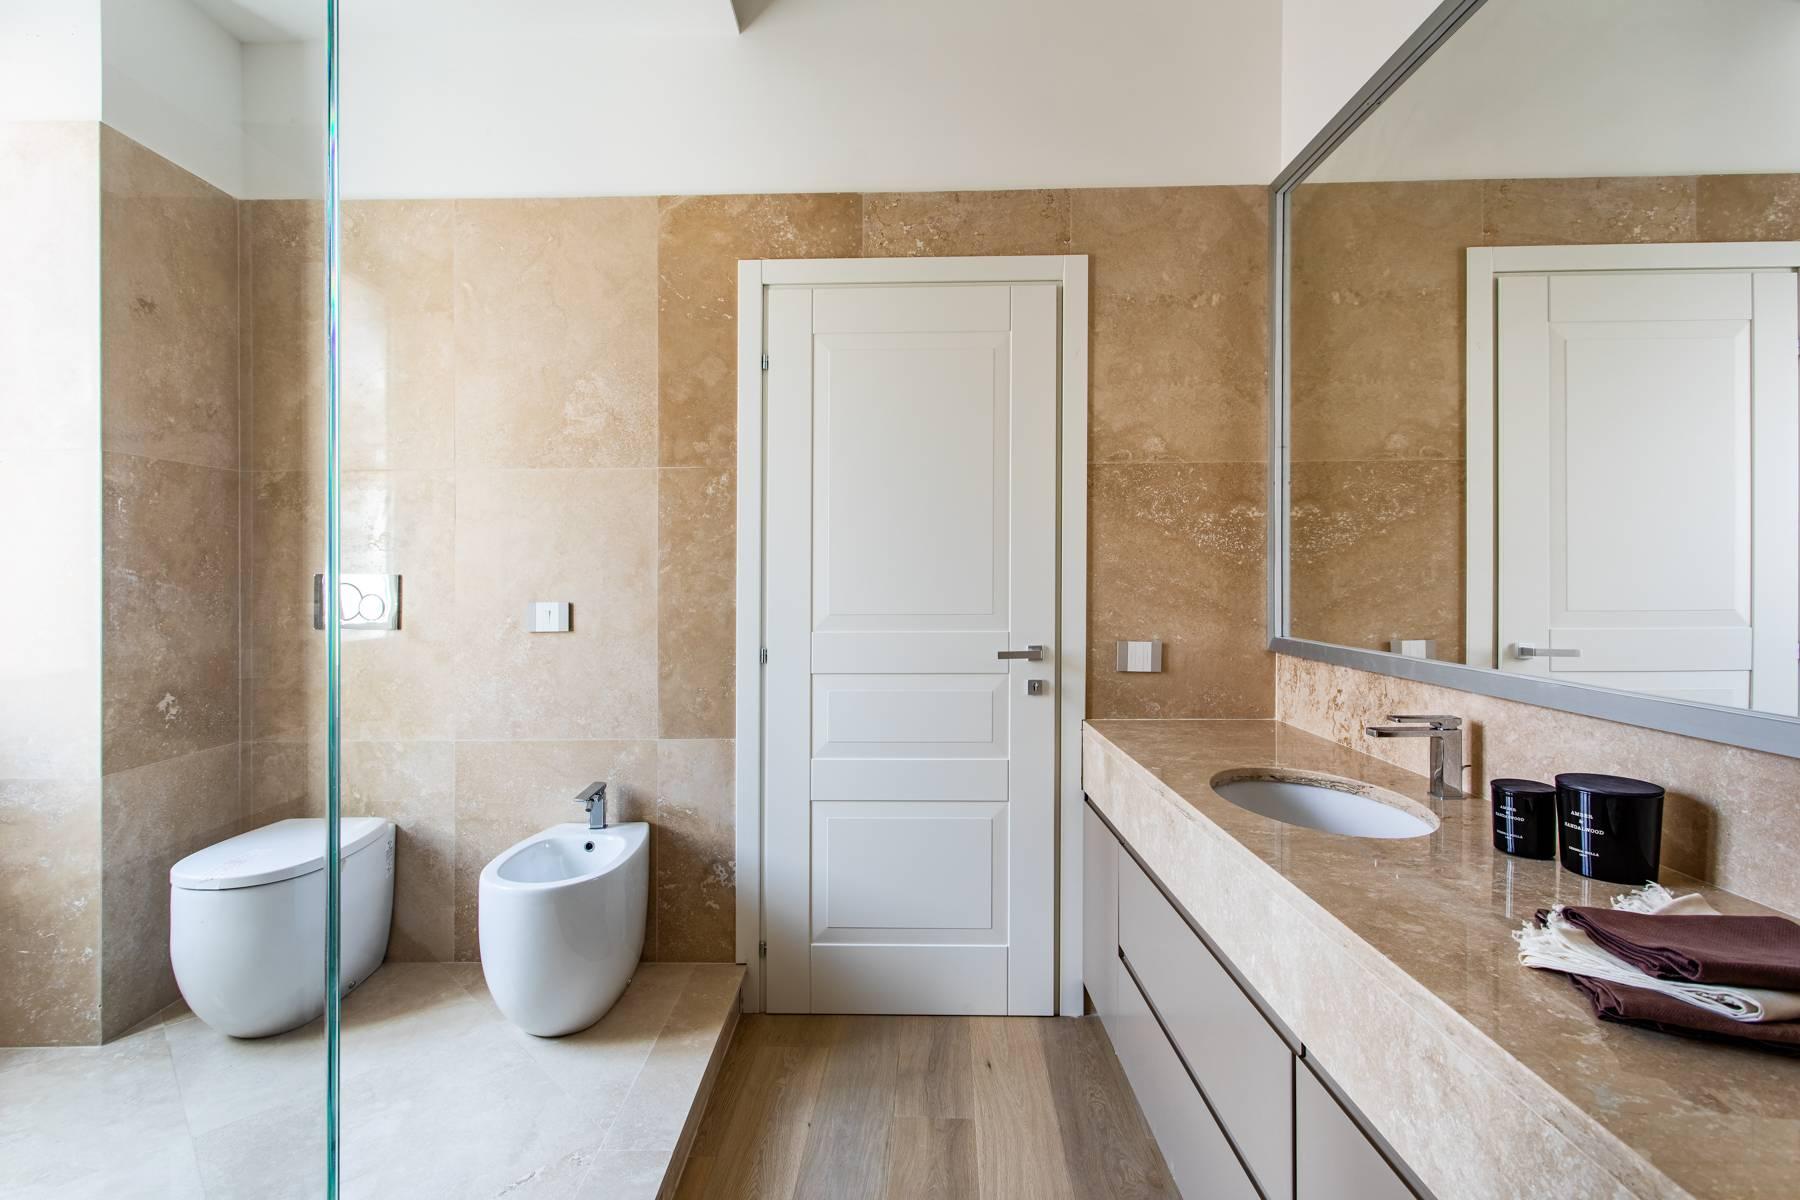 Appartamento in Vendita a Roma: 4 locali, 133 mq - Foto 14